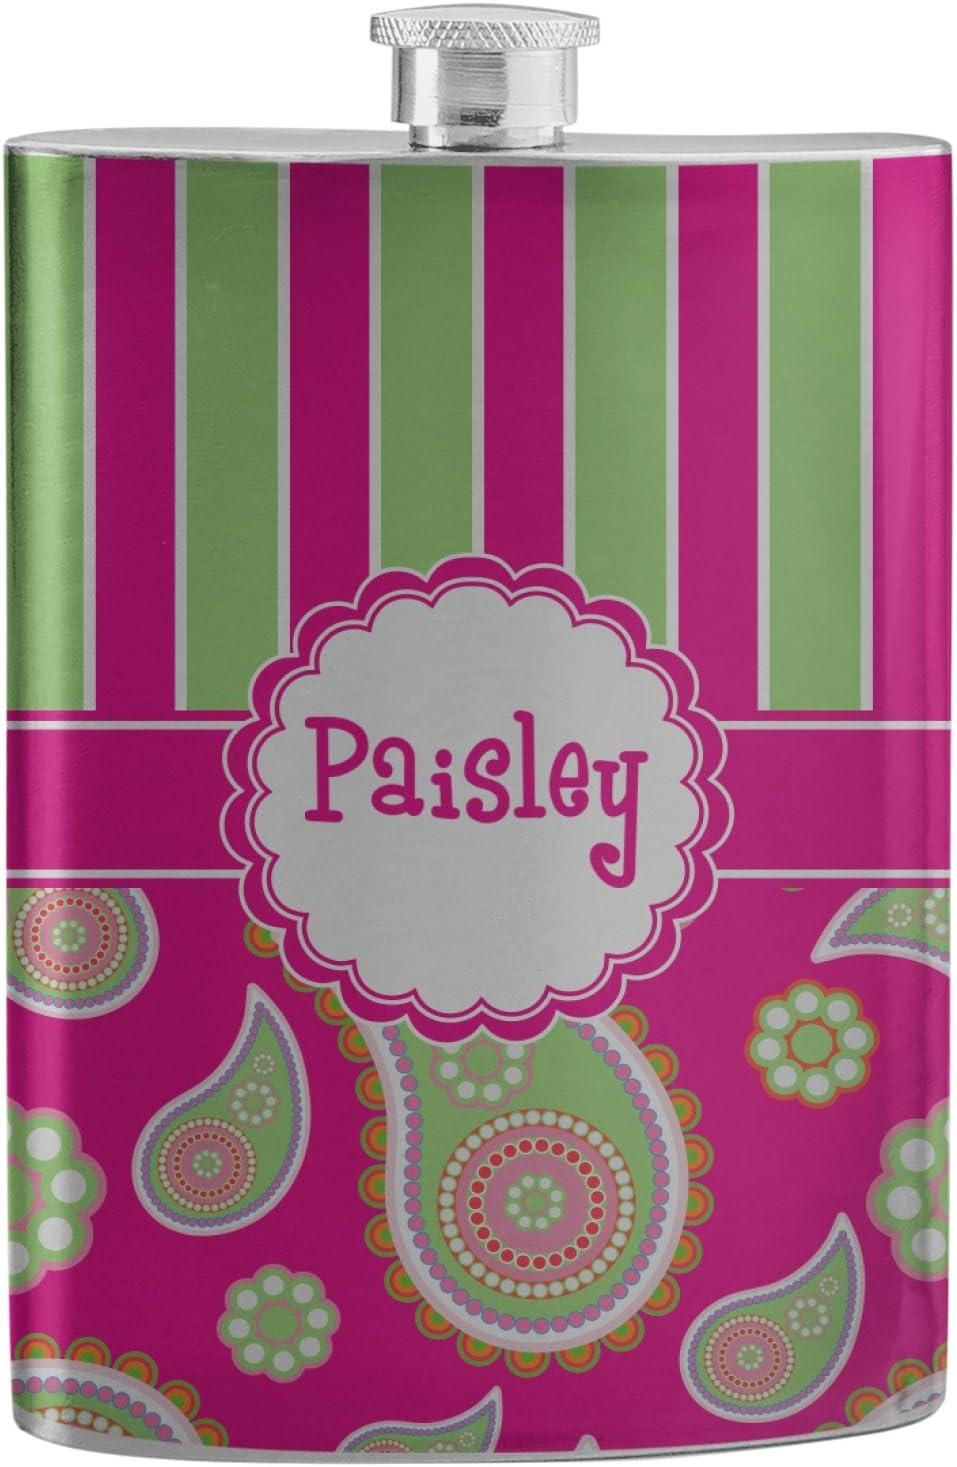 ピンク&グリーンペイズリーとストライプステンレススチールフラスコ( Personalized )